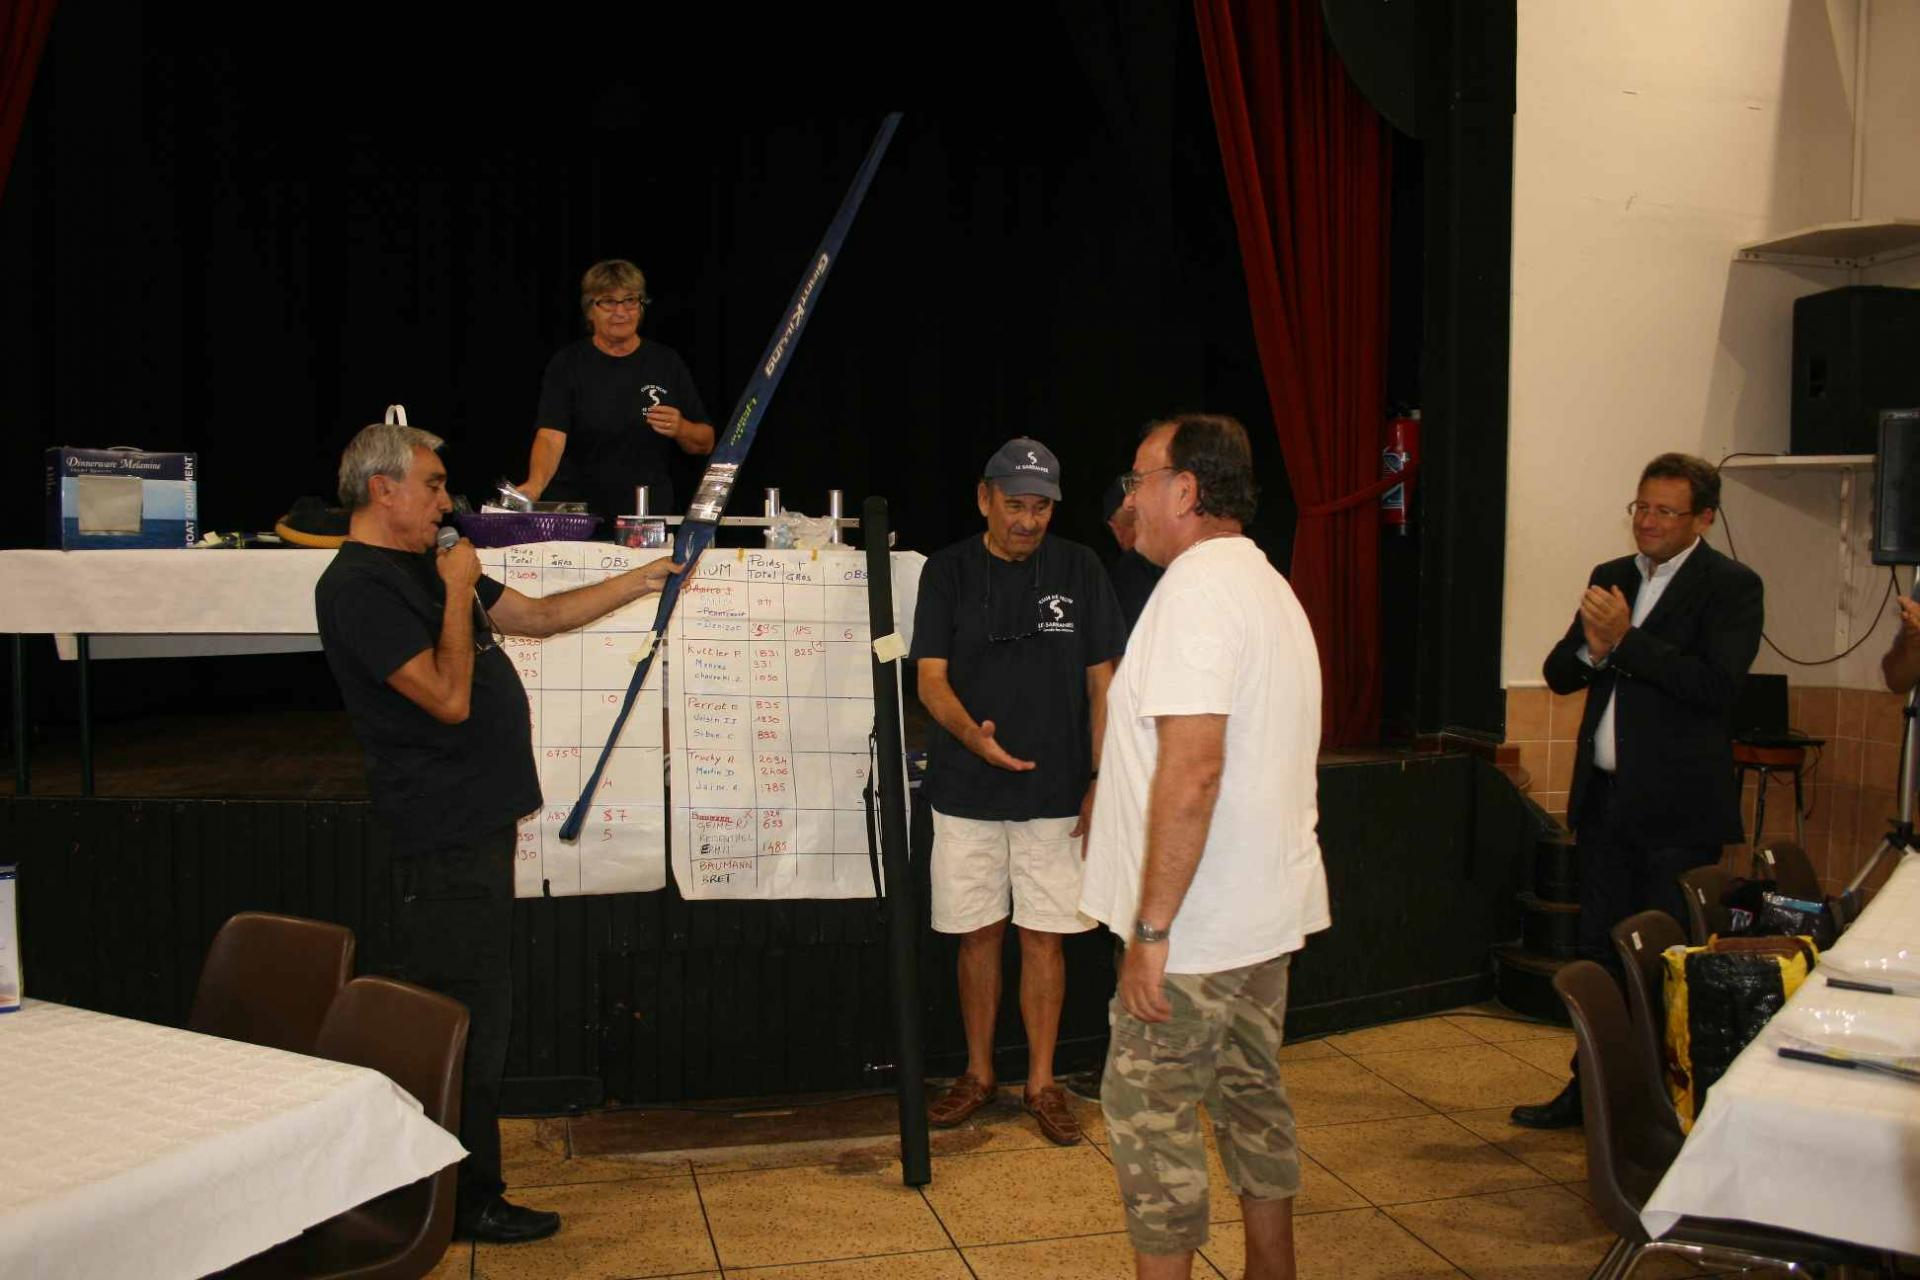 10 Le concours - Armando reçoit une splendide canne de jigg 2